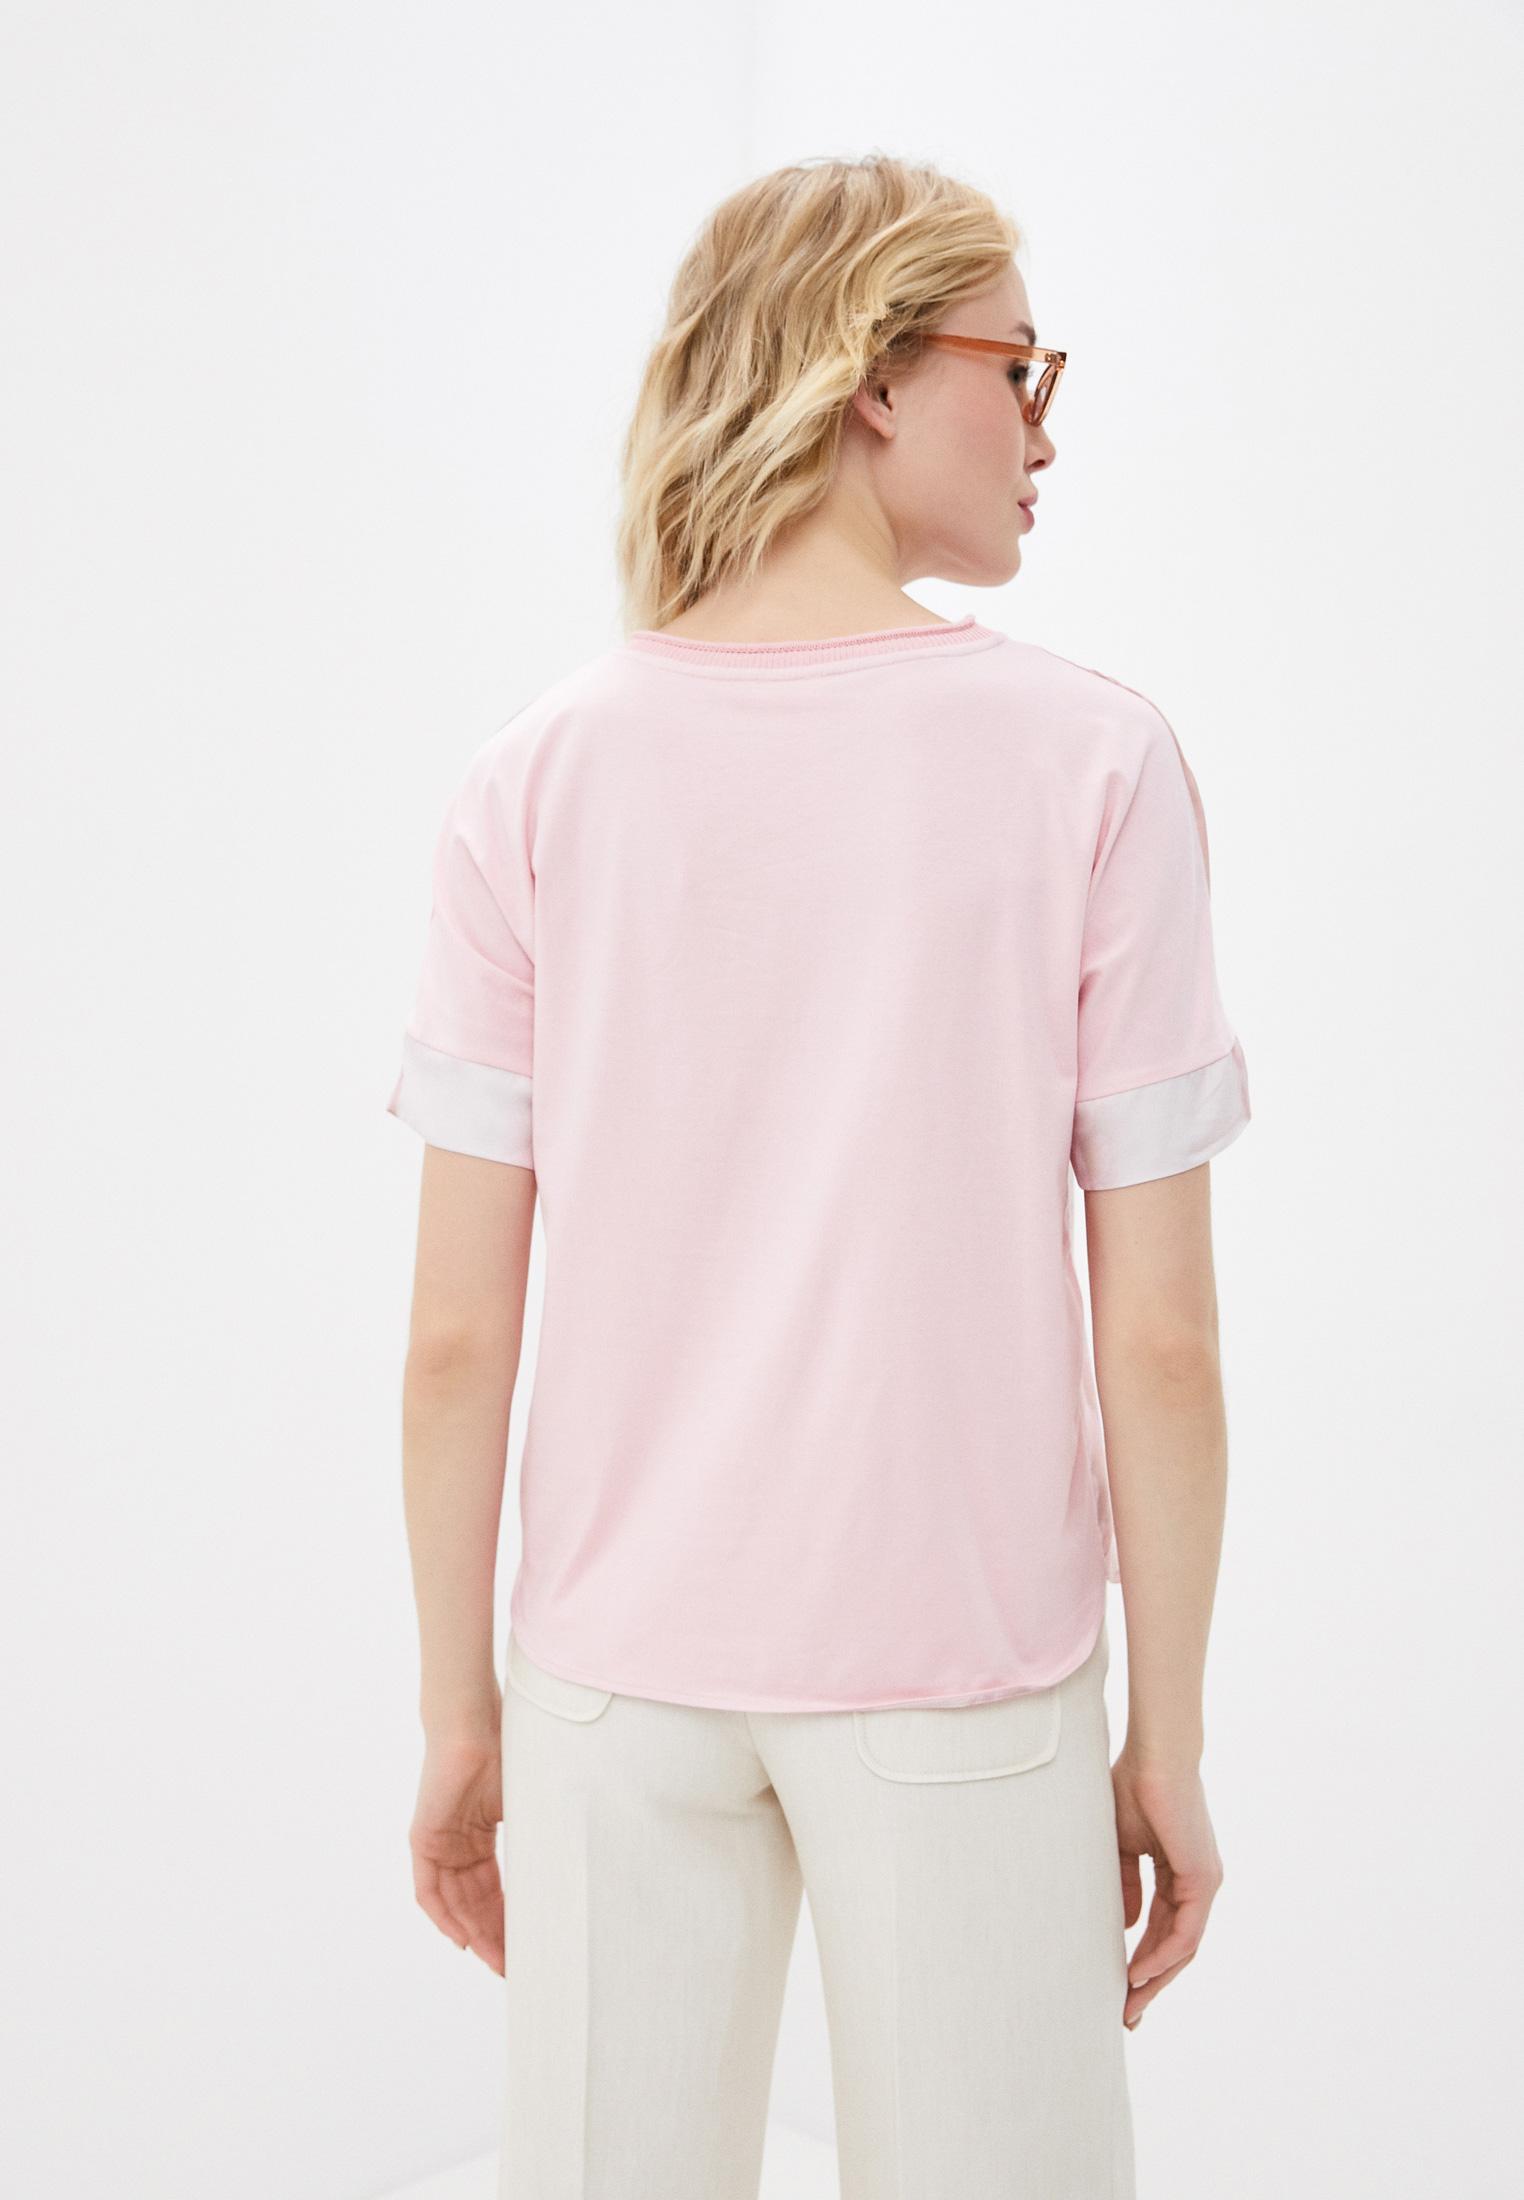 Блуза Gerry Weber (Гарри Вебер) 570246-35046: изображение 2